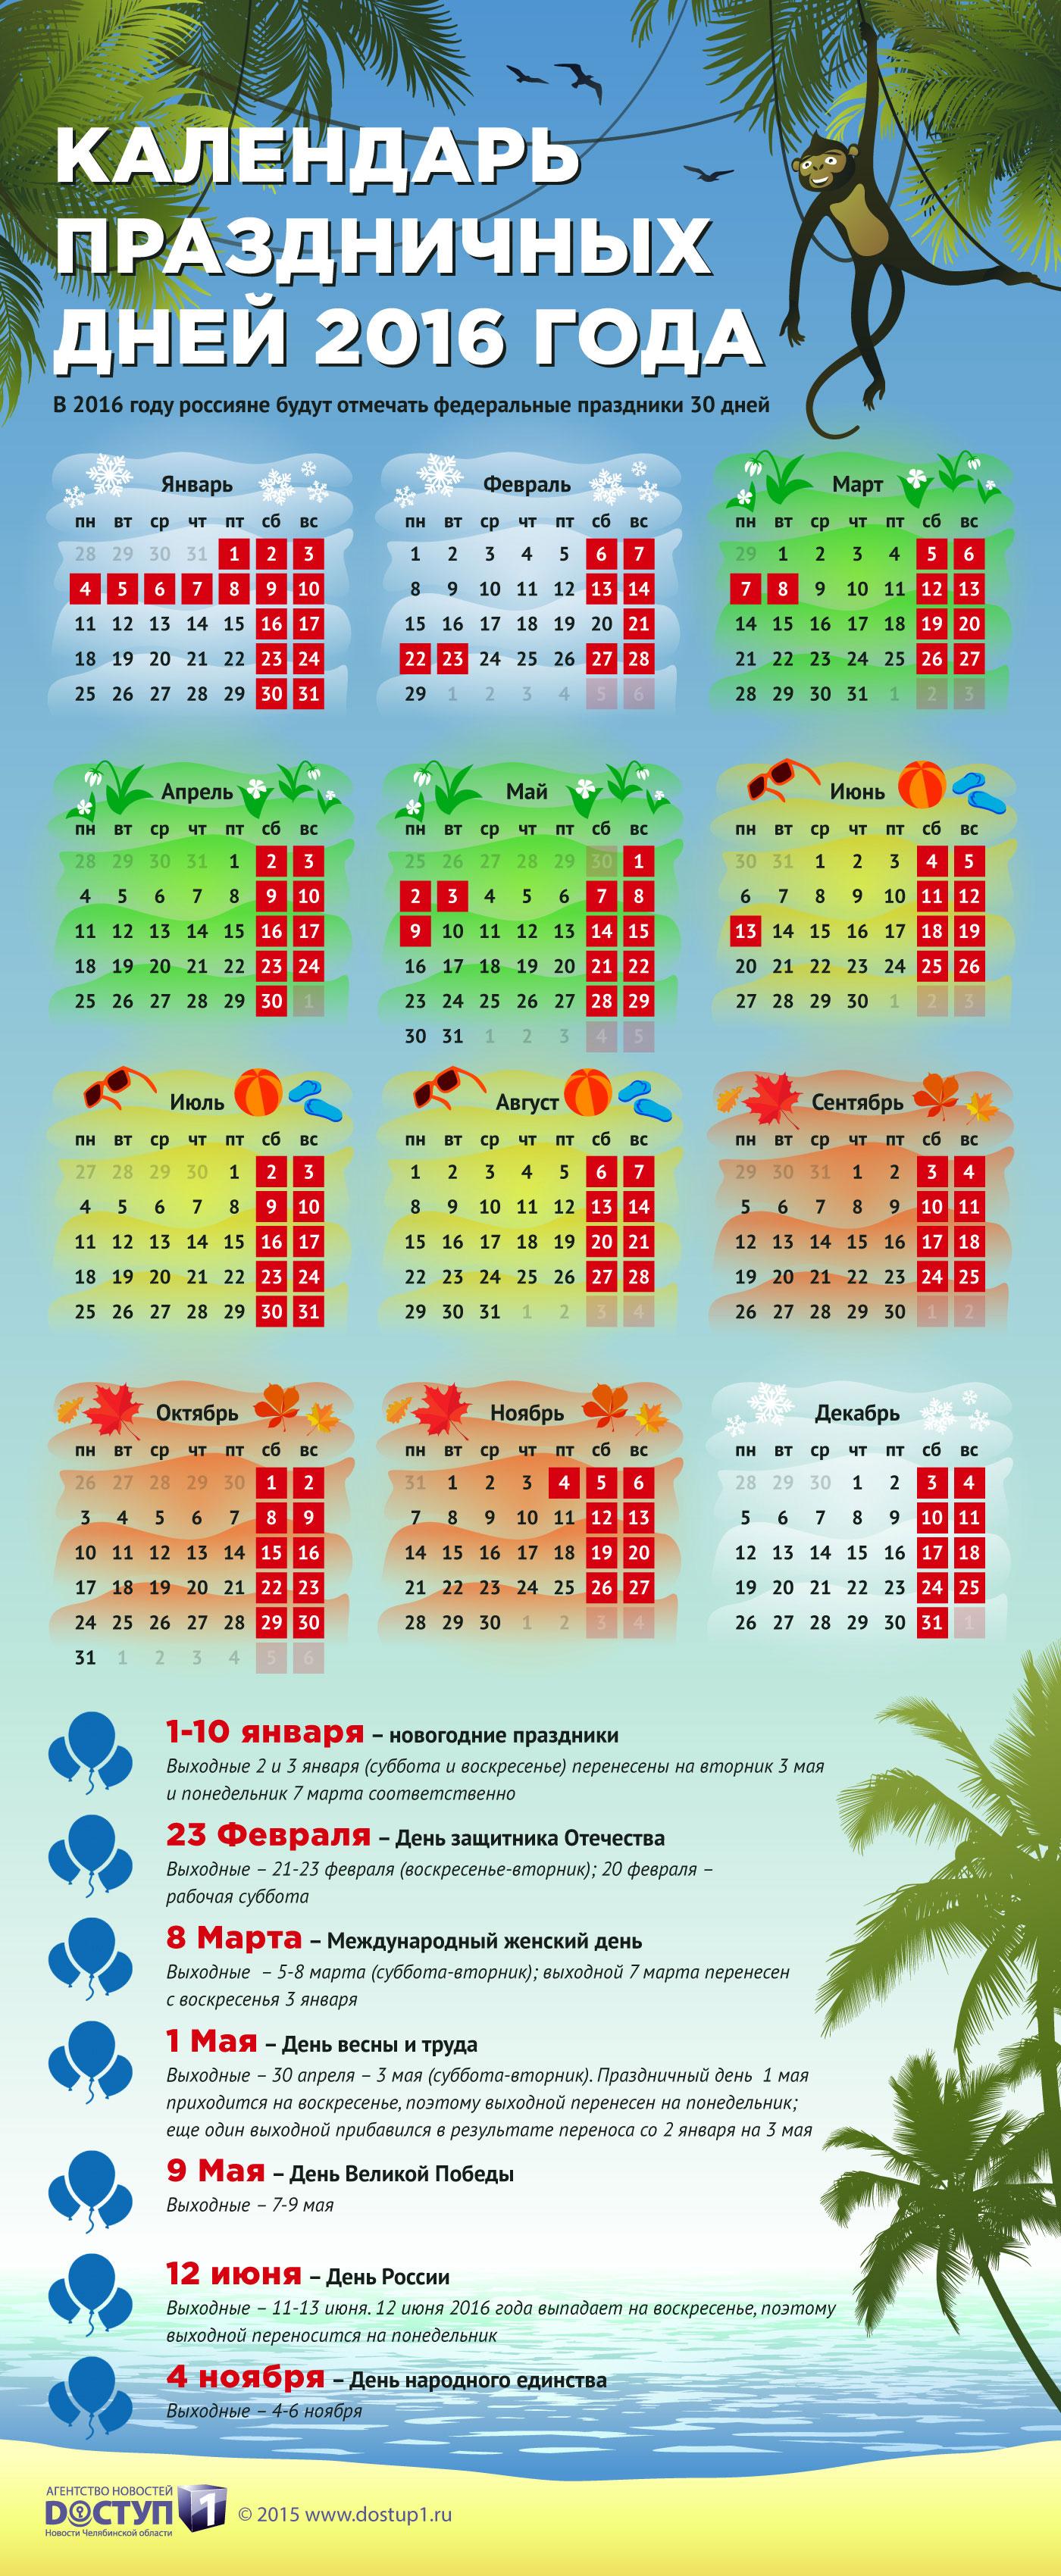 Праздники 12 июня календарь